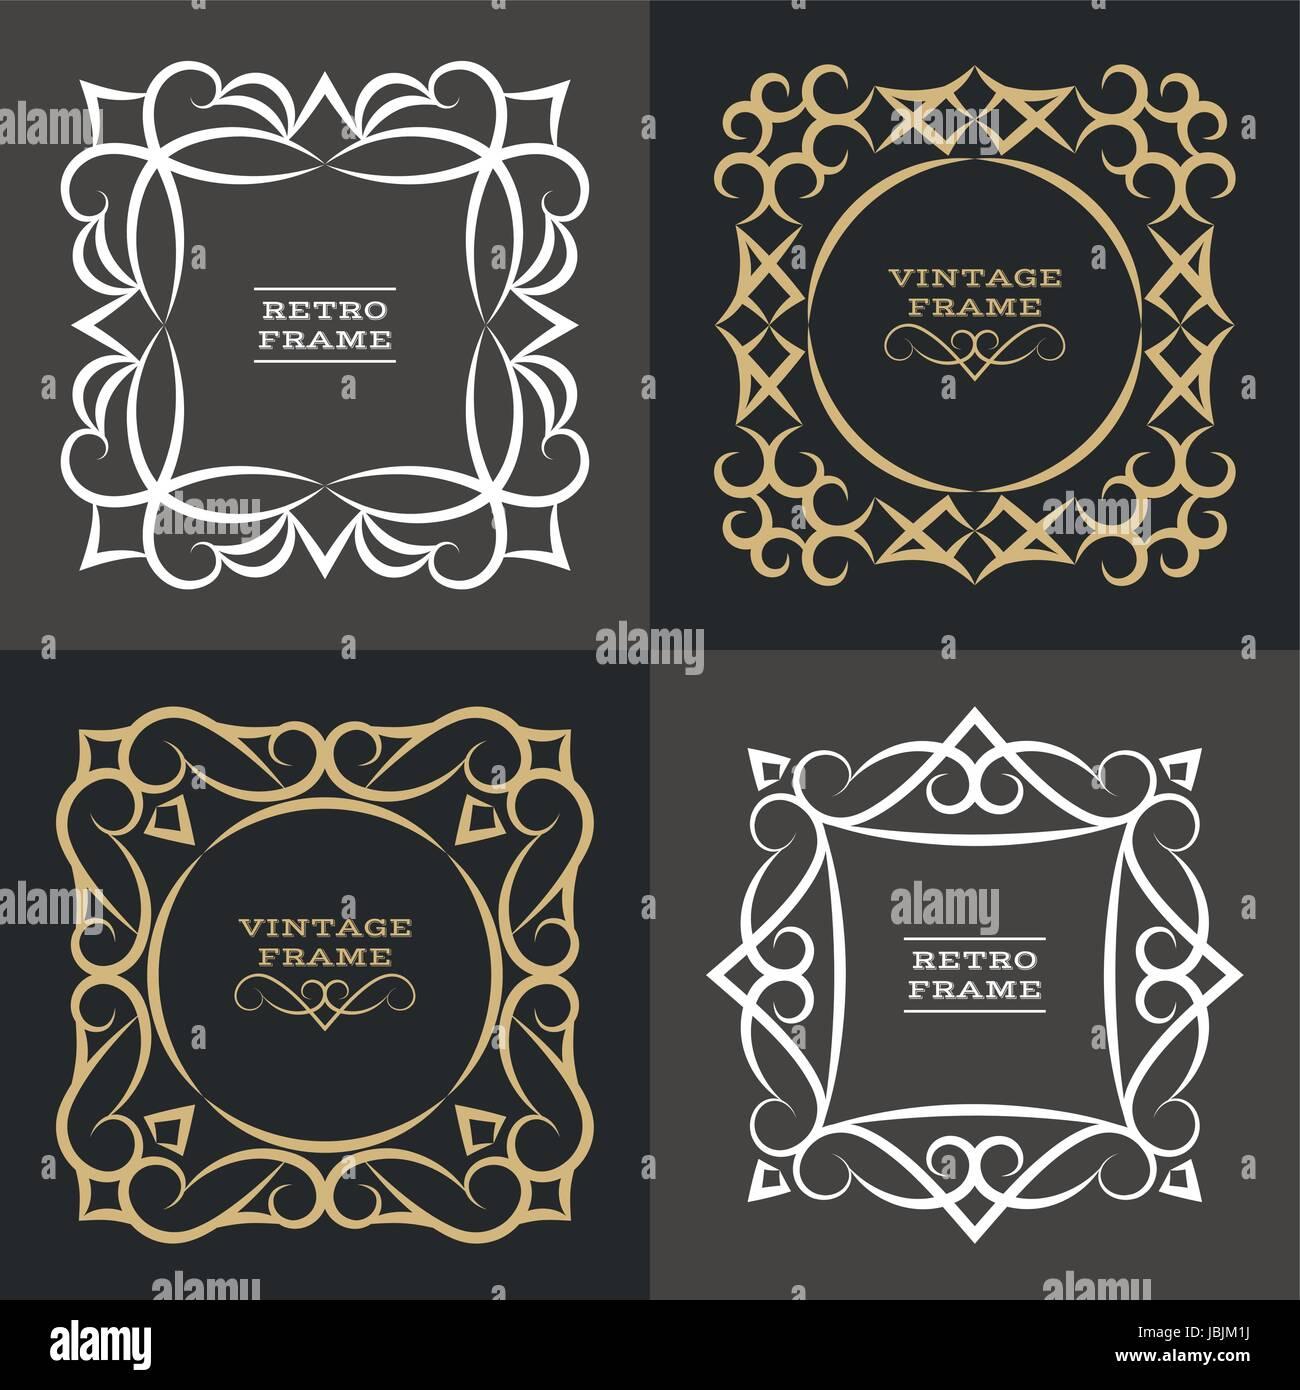 Satz Von Monogramm Linie Vintage Frames. Grußkarten. Hochzeit Einladungen.  Retro Style. Vector Logo Vorlage, Etiketten Und Abzeichen